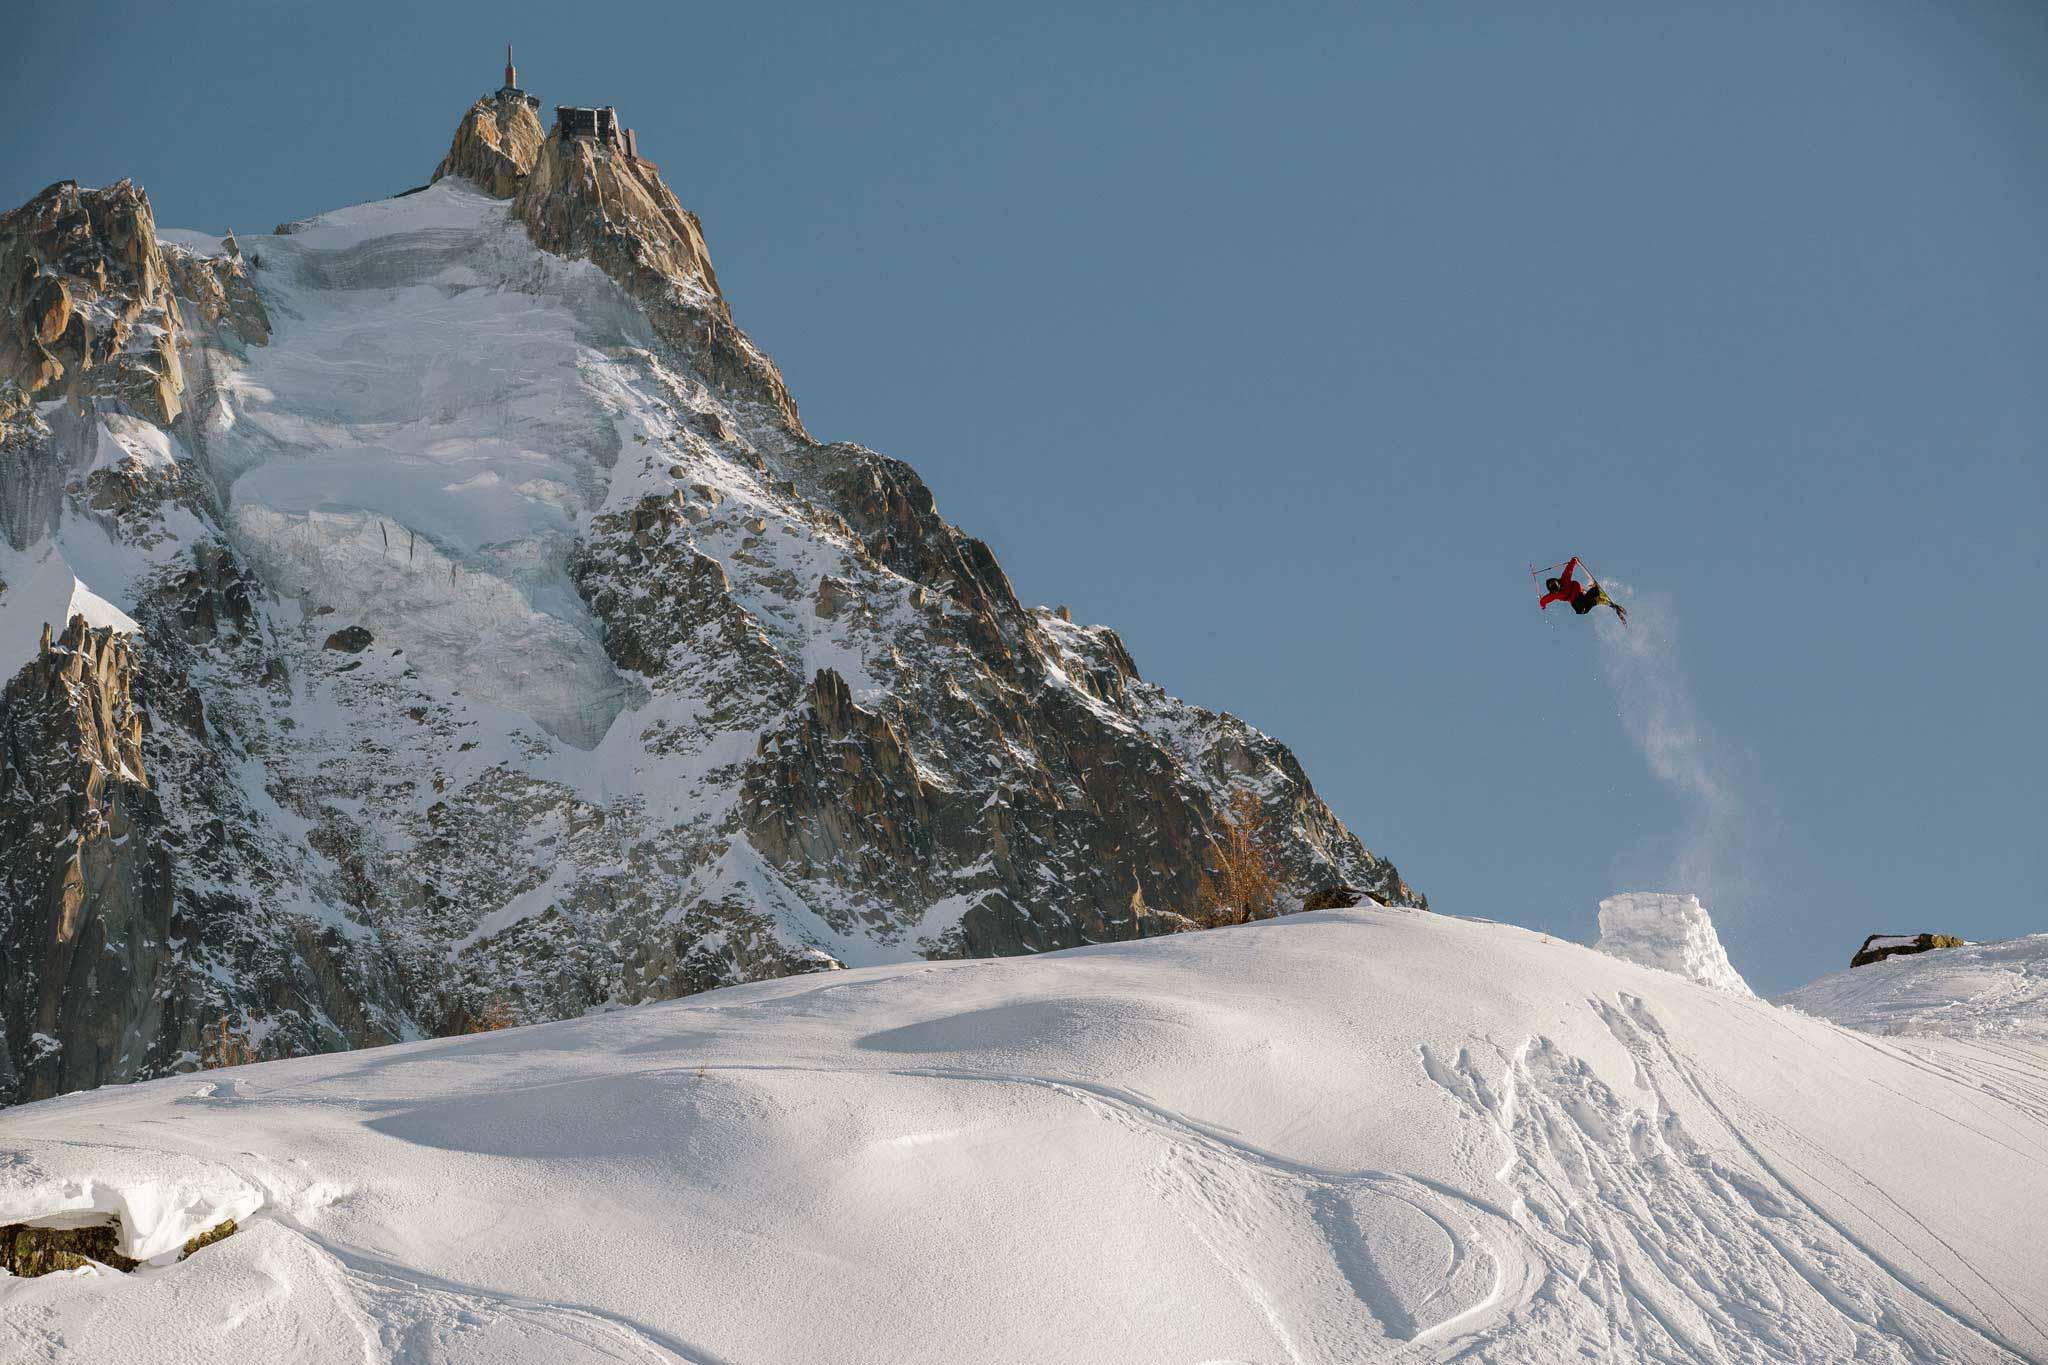 Trotz der whacken Musikauwahl gibt es im Chamonix Segment einiges zu staunen. - Rider: Jacob Wester - Foto: Sofia Sjoeberg